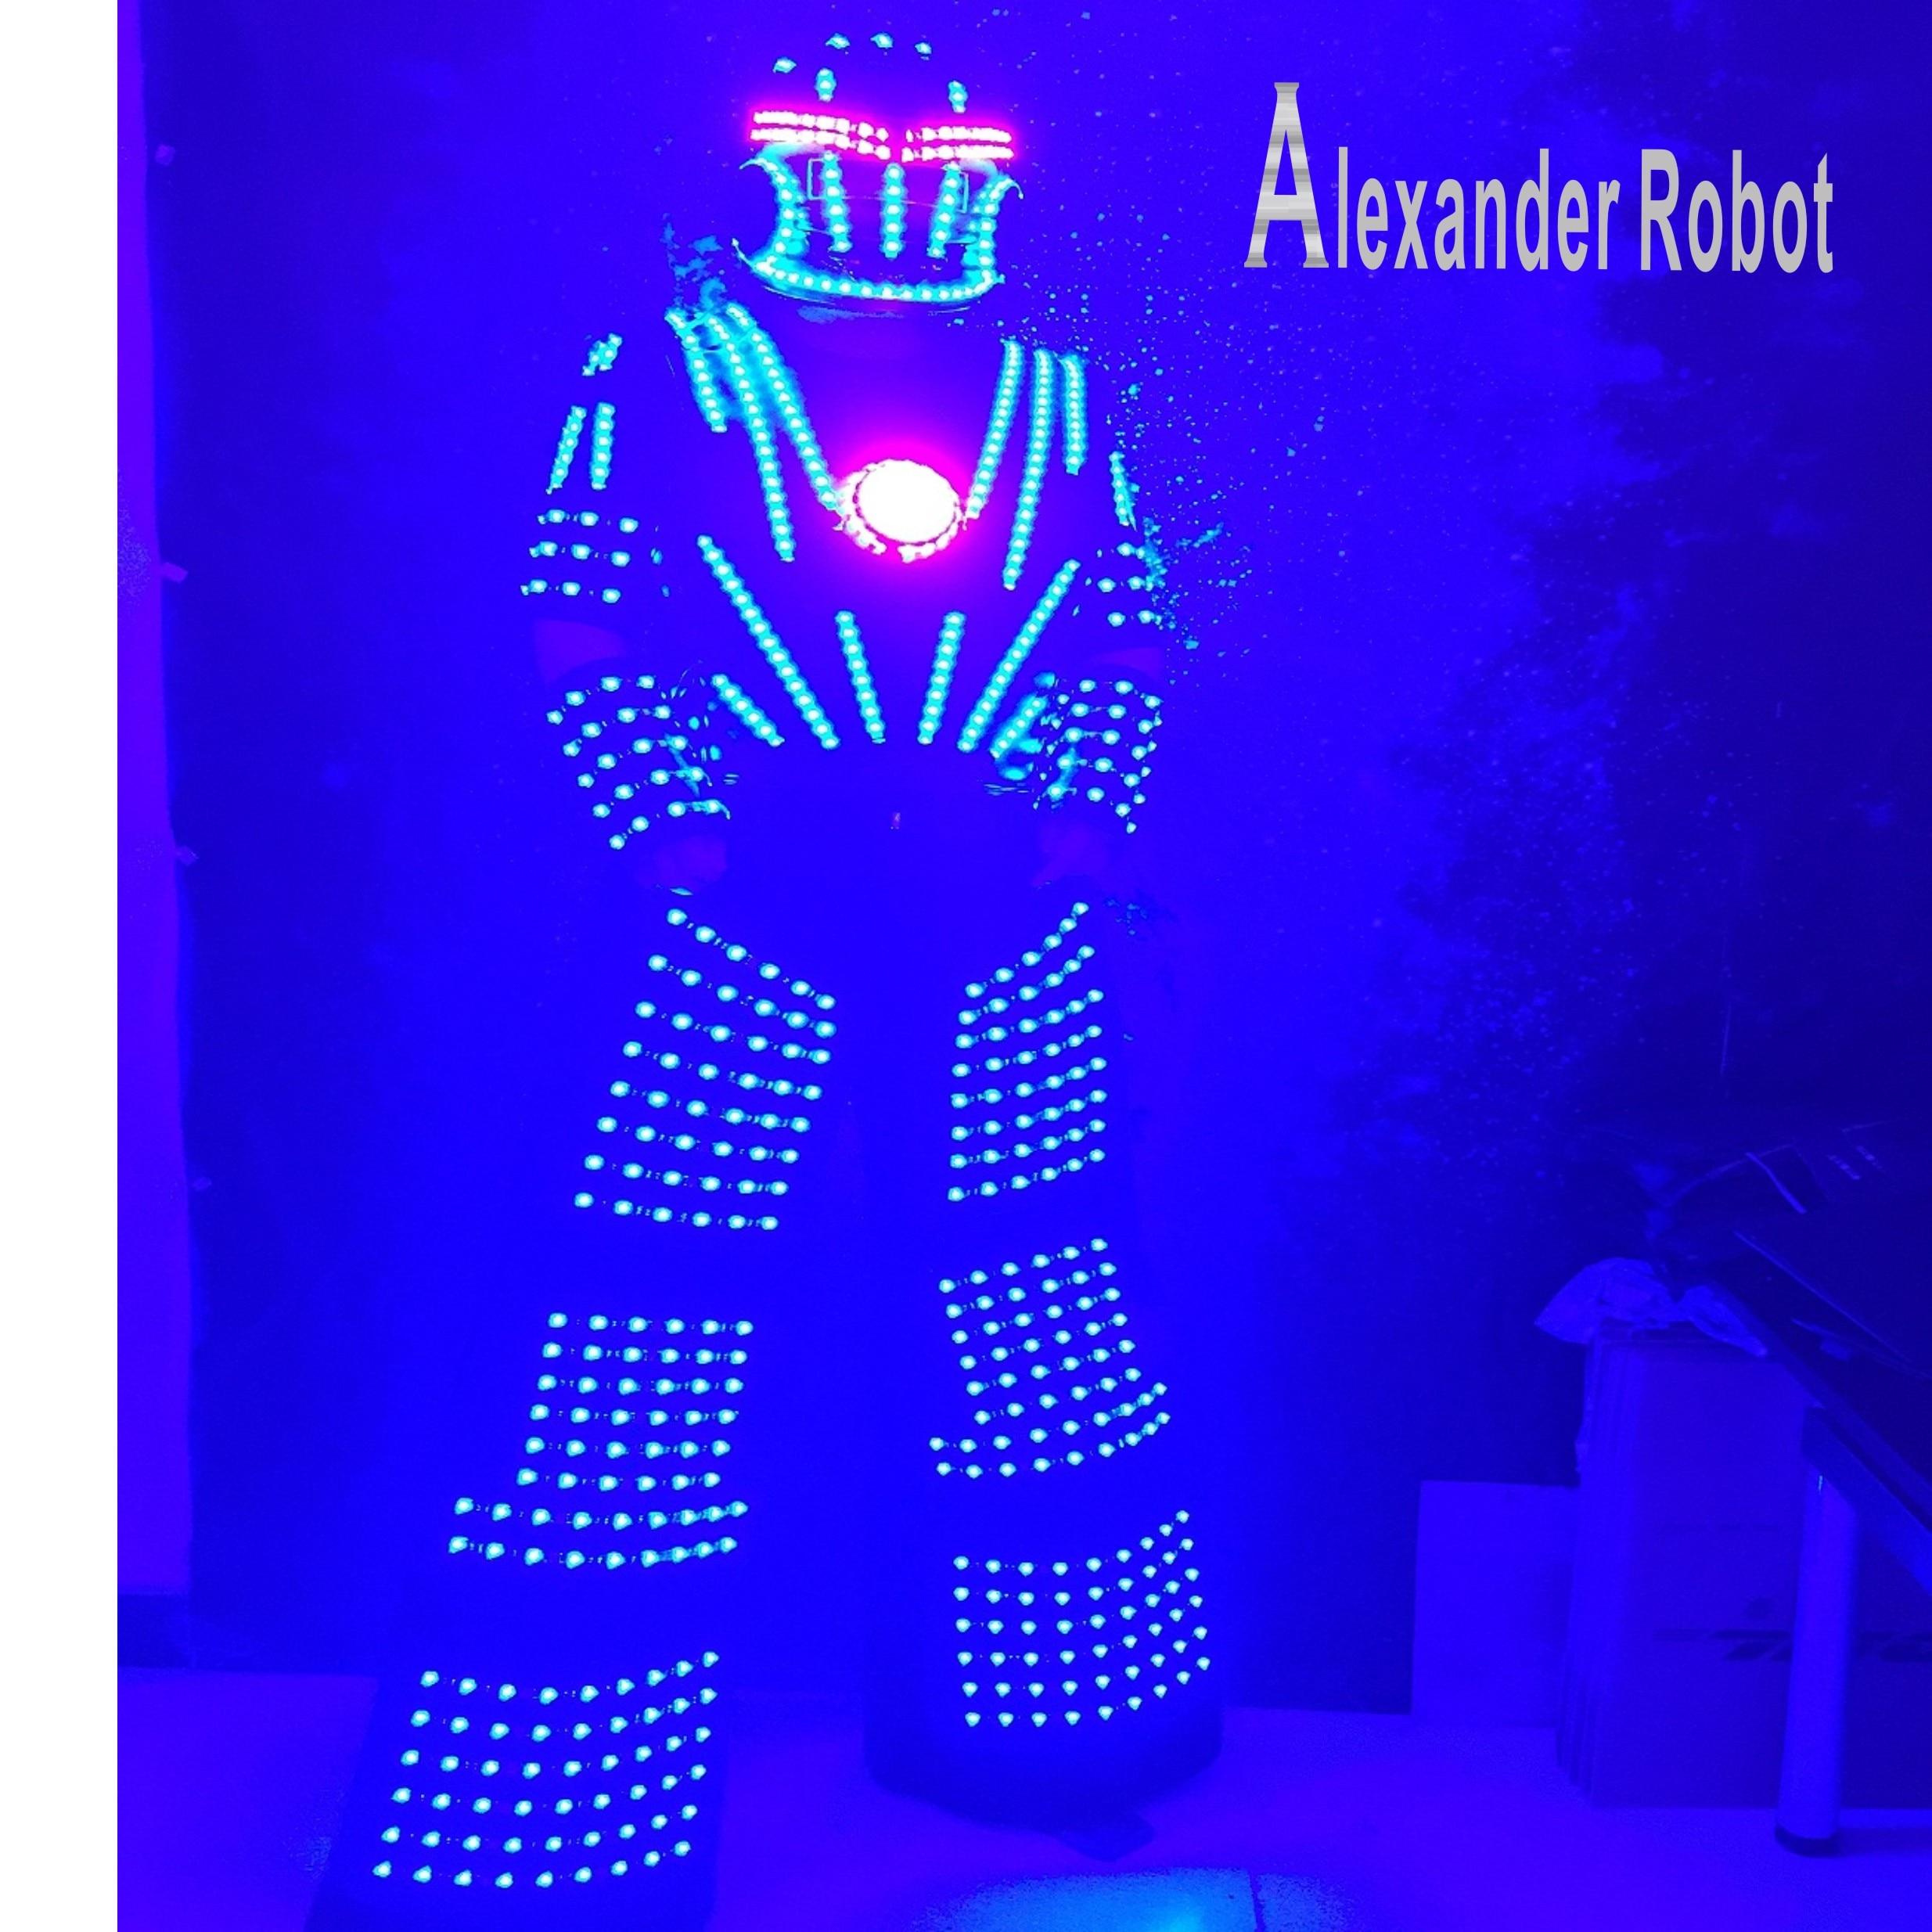 Costume de LED/vêtements de LED/costumes légers/costumes de Robot de LED/costumes de lumières de robot/LED